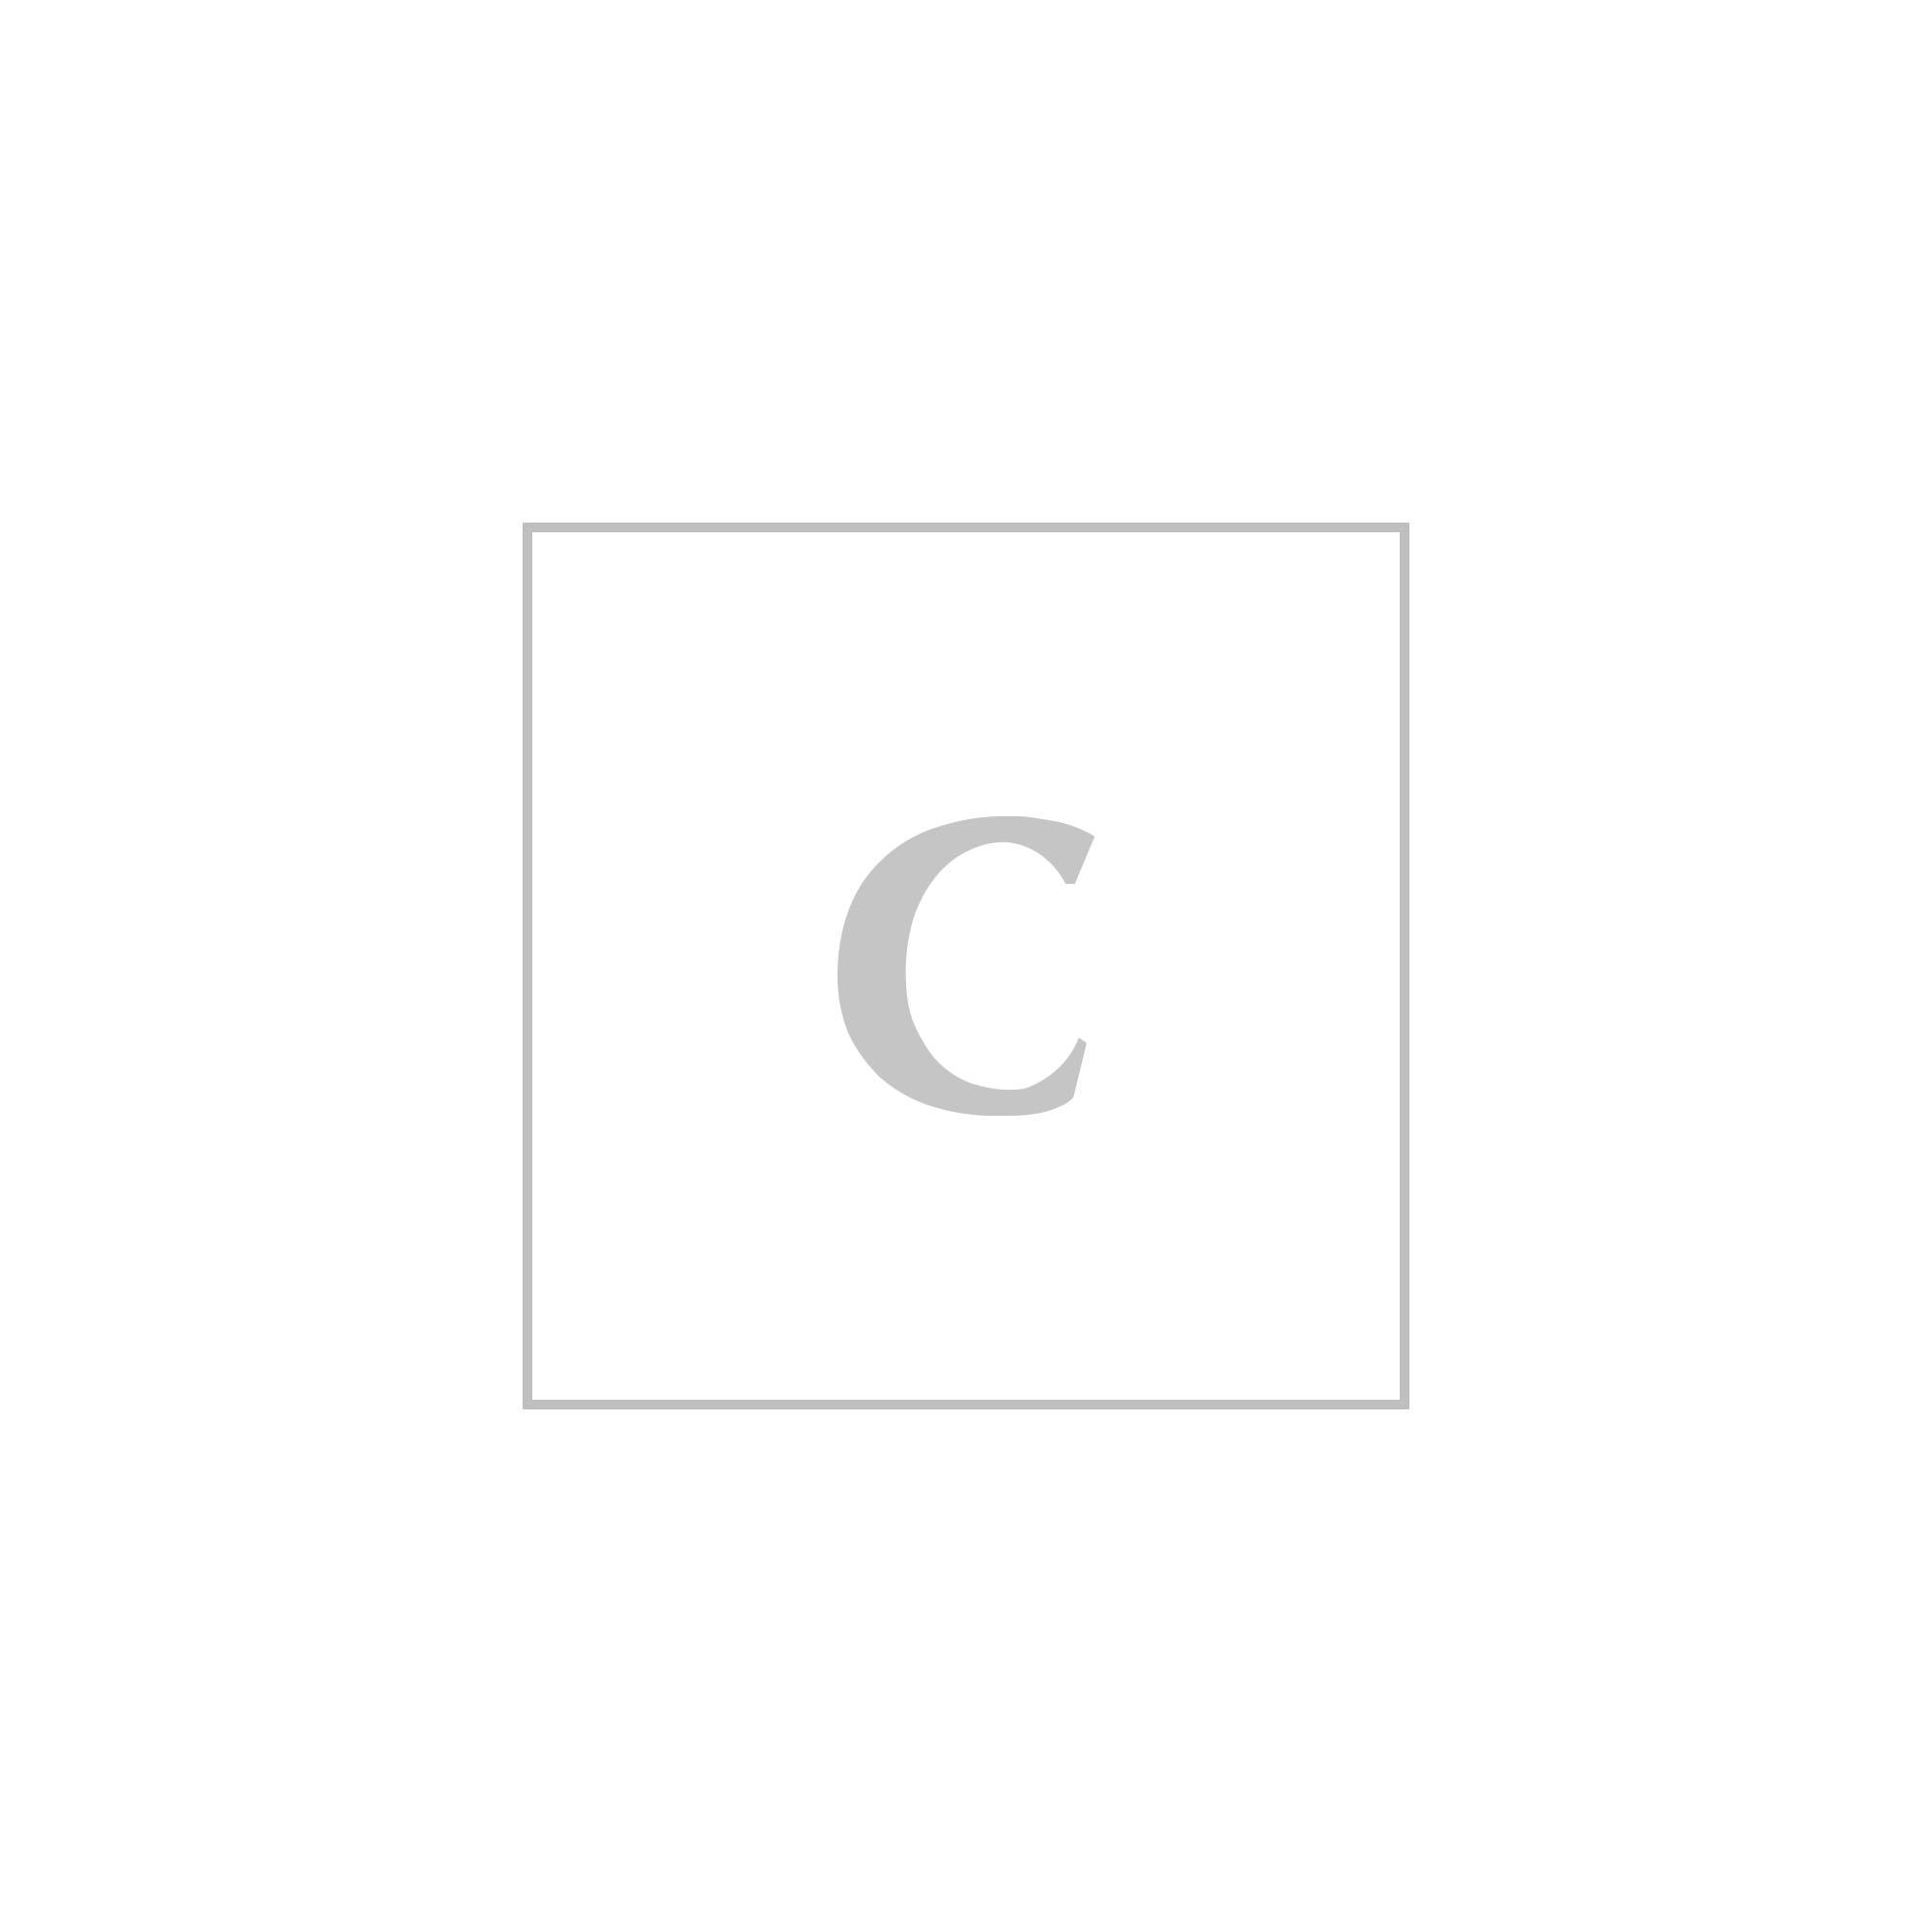 Burberry portafoglio cc bill coin